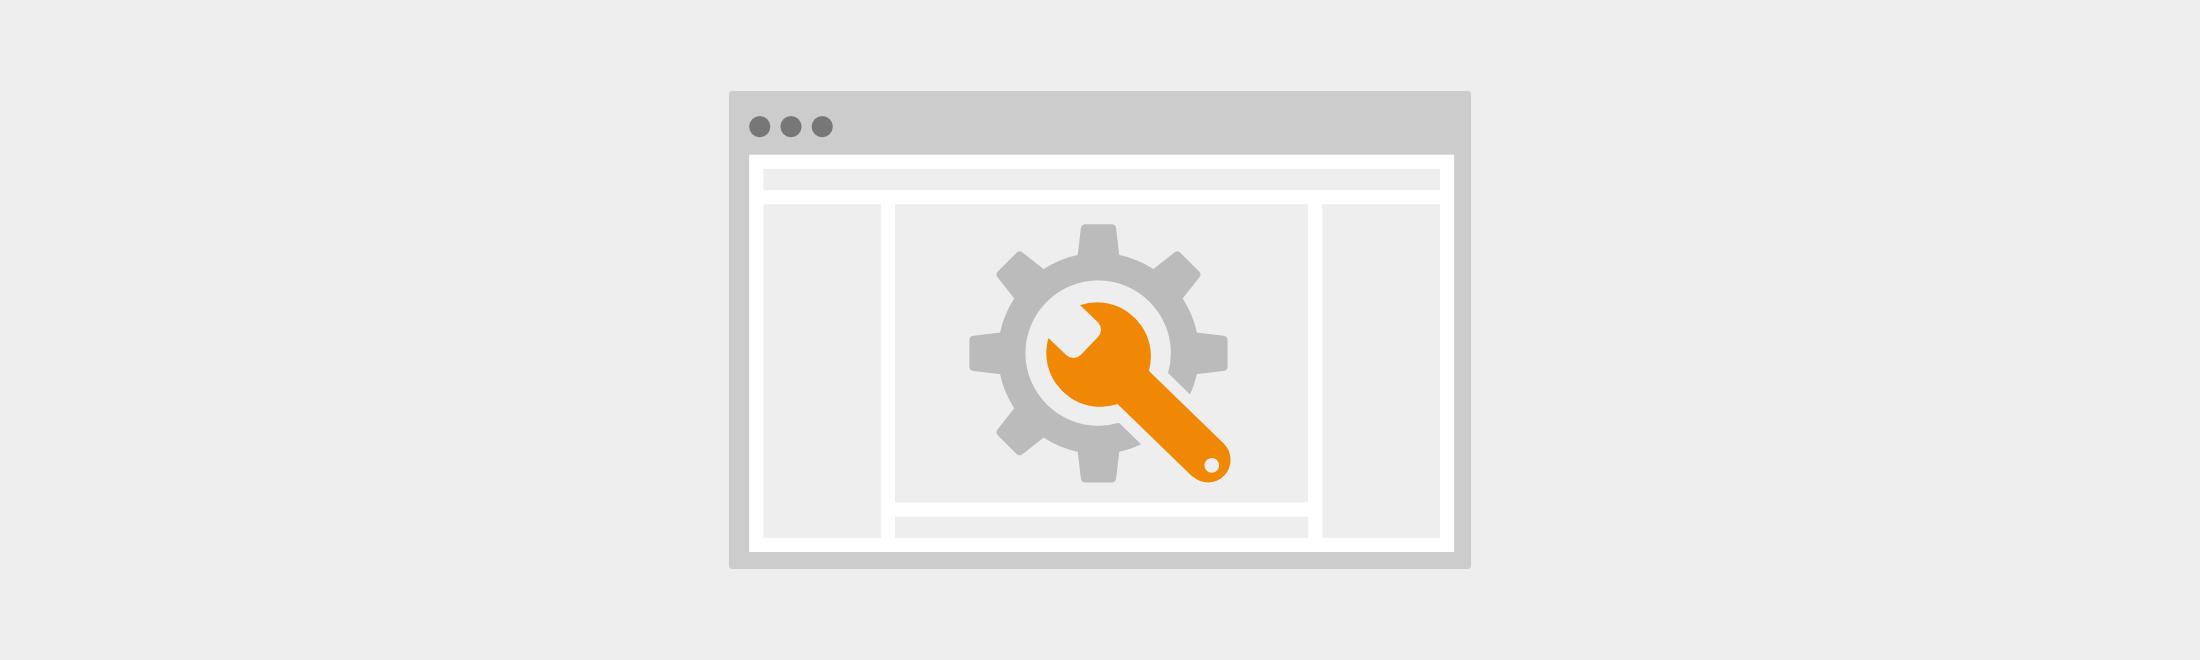 通过在Confluence服务器中自定义draw.io接口,可以使绘制图表更快更容易